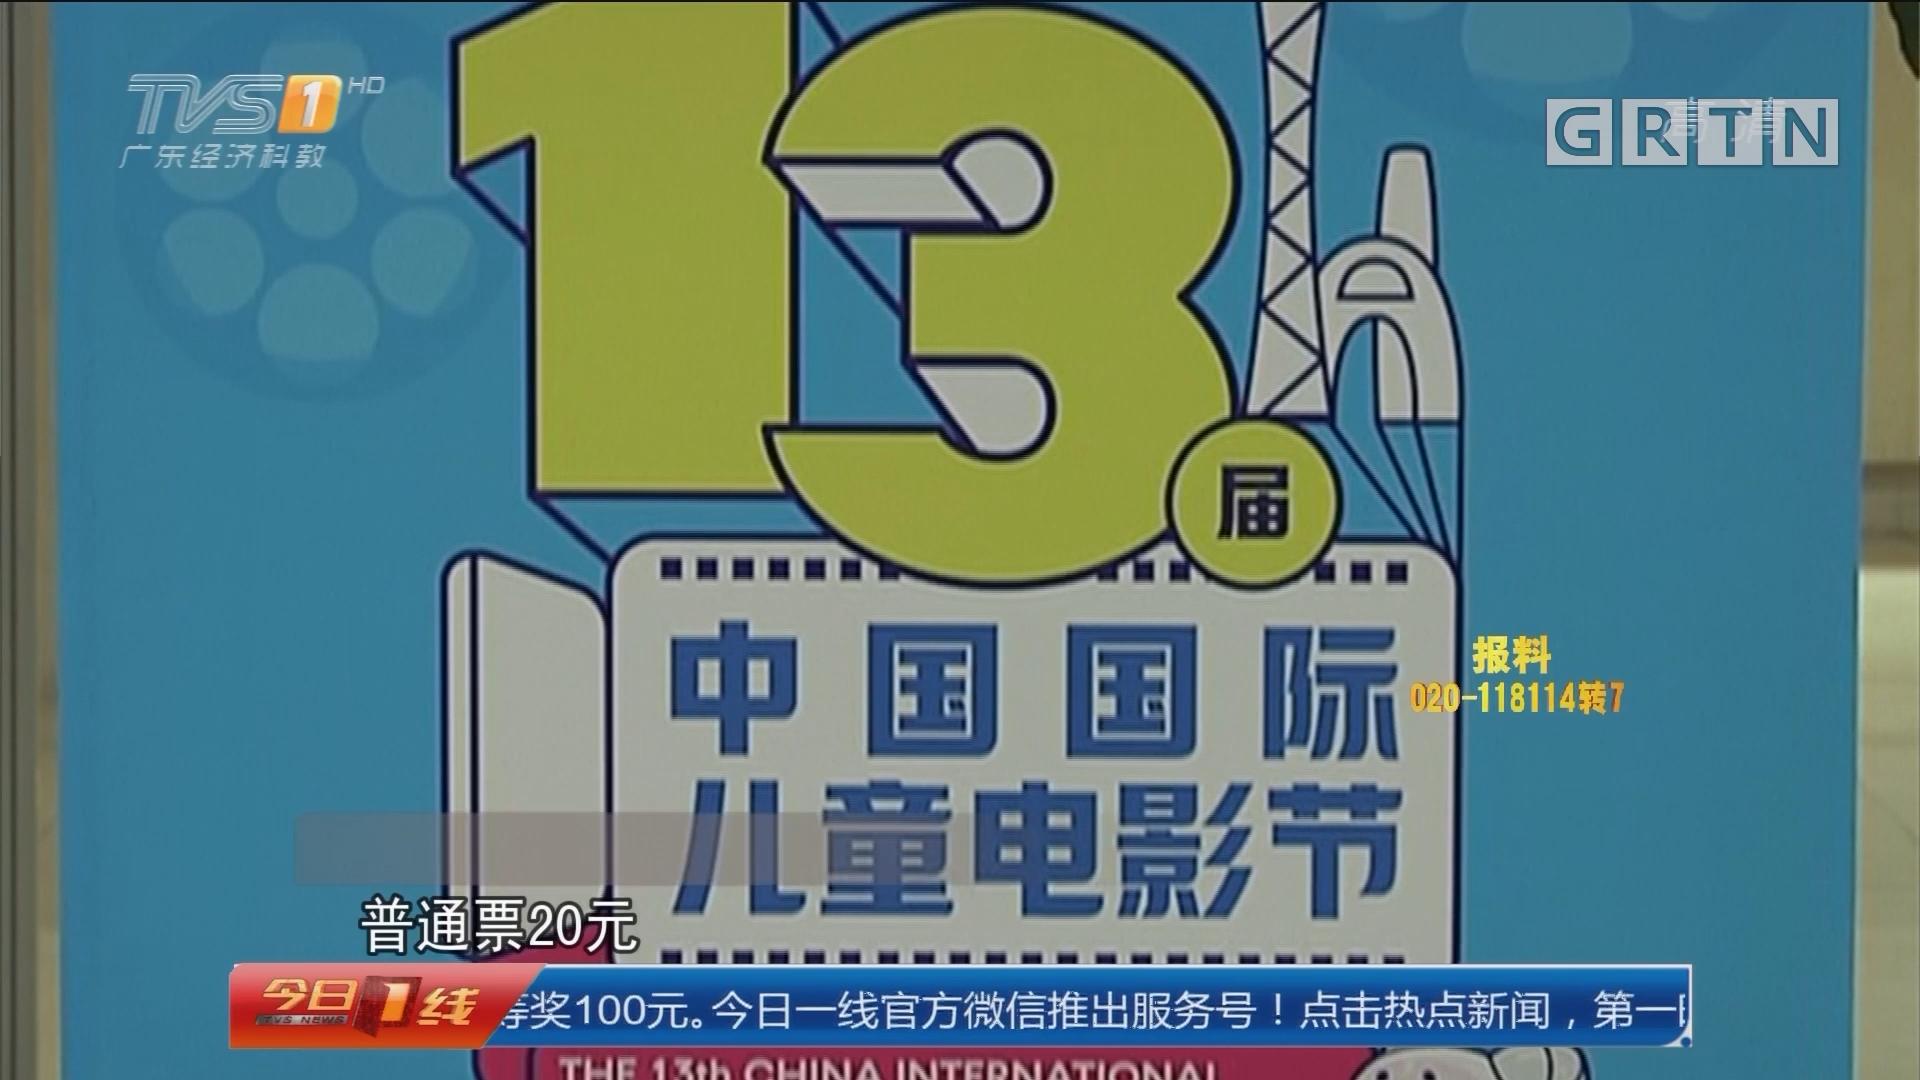 学习宣传贯彻党的十九大精神 广州:电影进校园 免费播300场